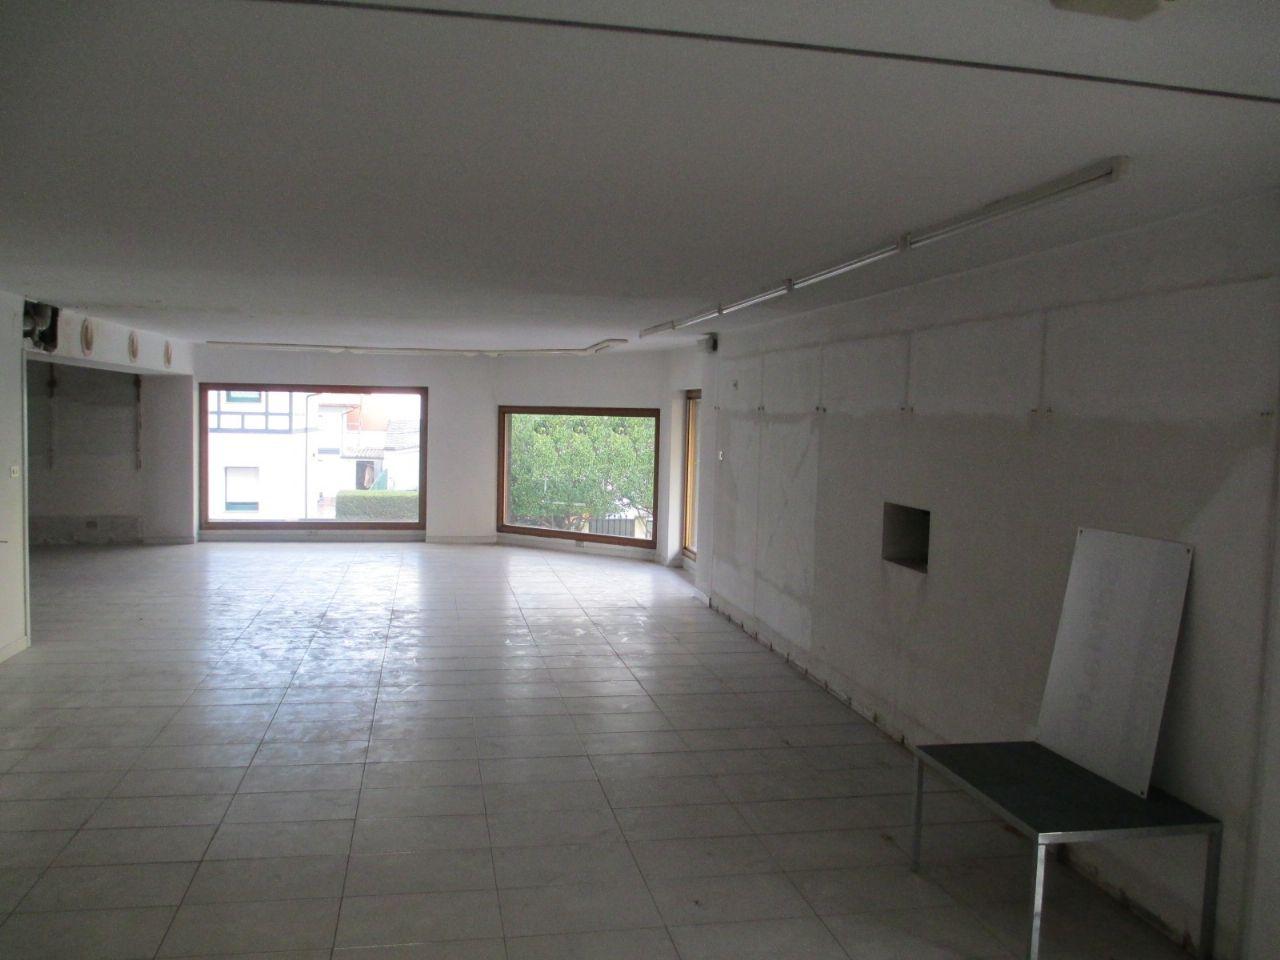 Local comercial en Lugo, Casas Baratas, alquiler